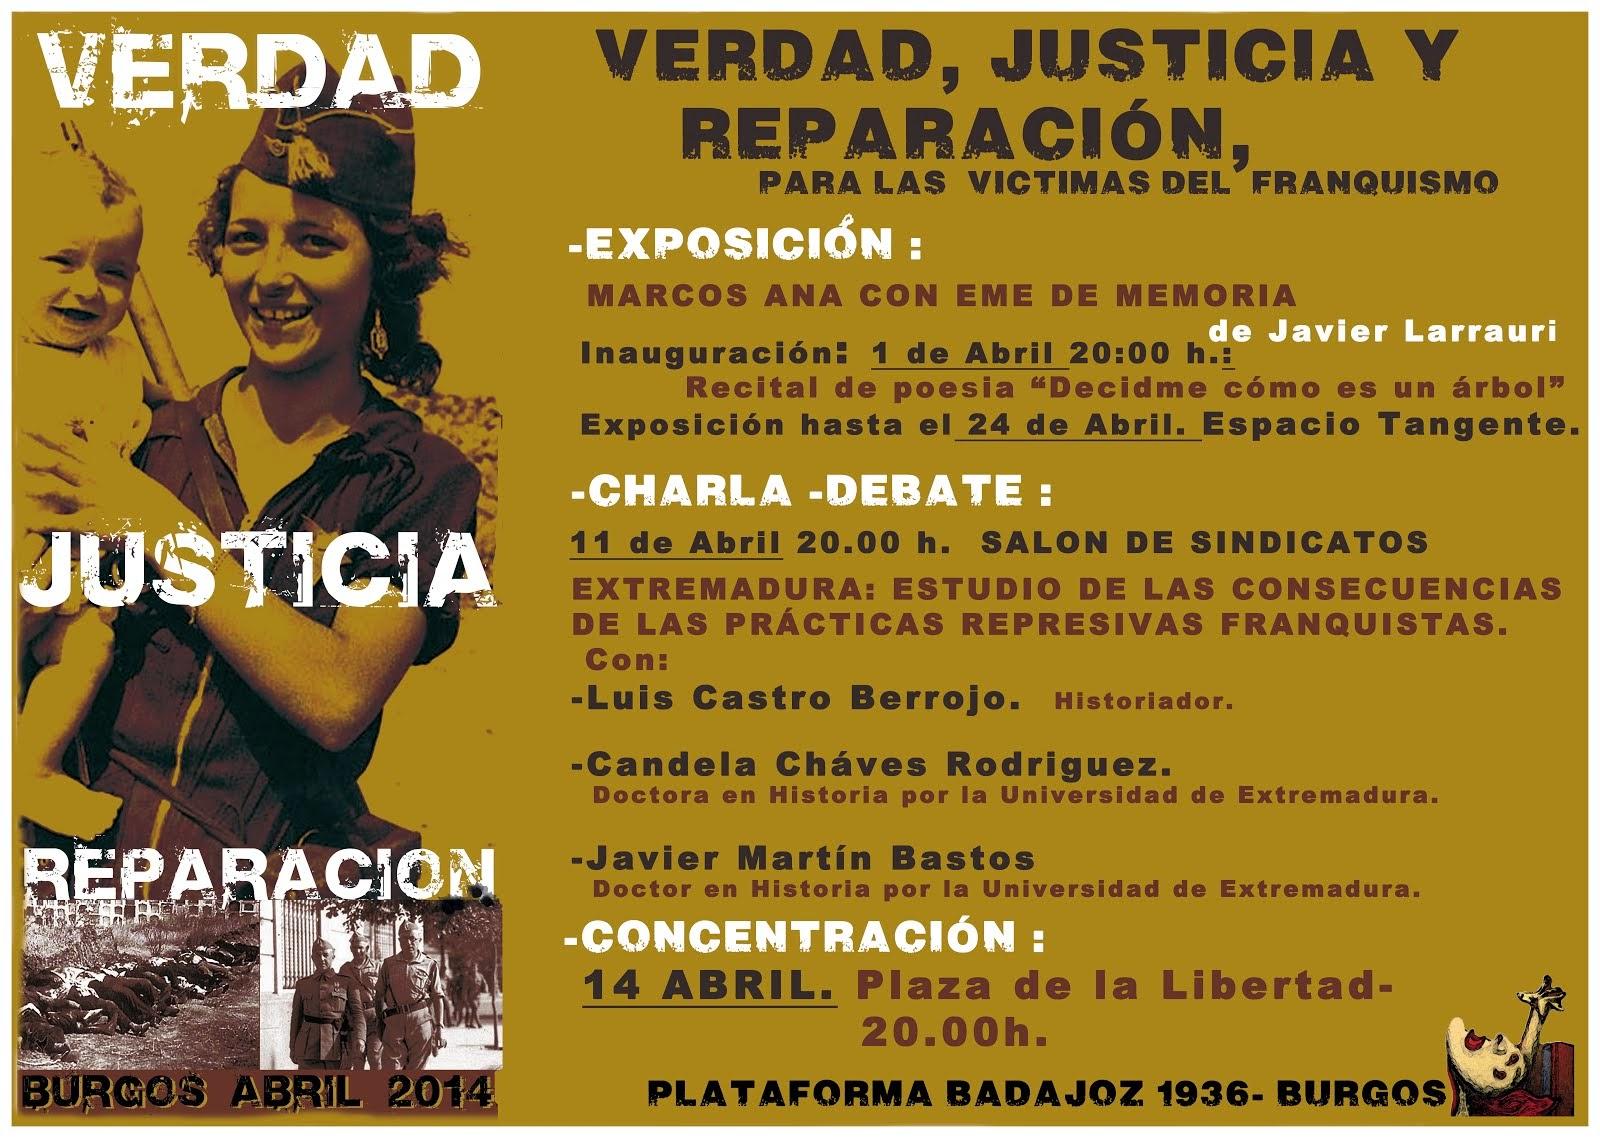 Jornadas verdad, justicia y reparación para las víctimas del franquismo